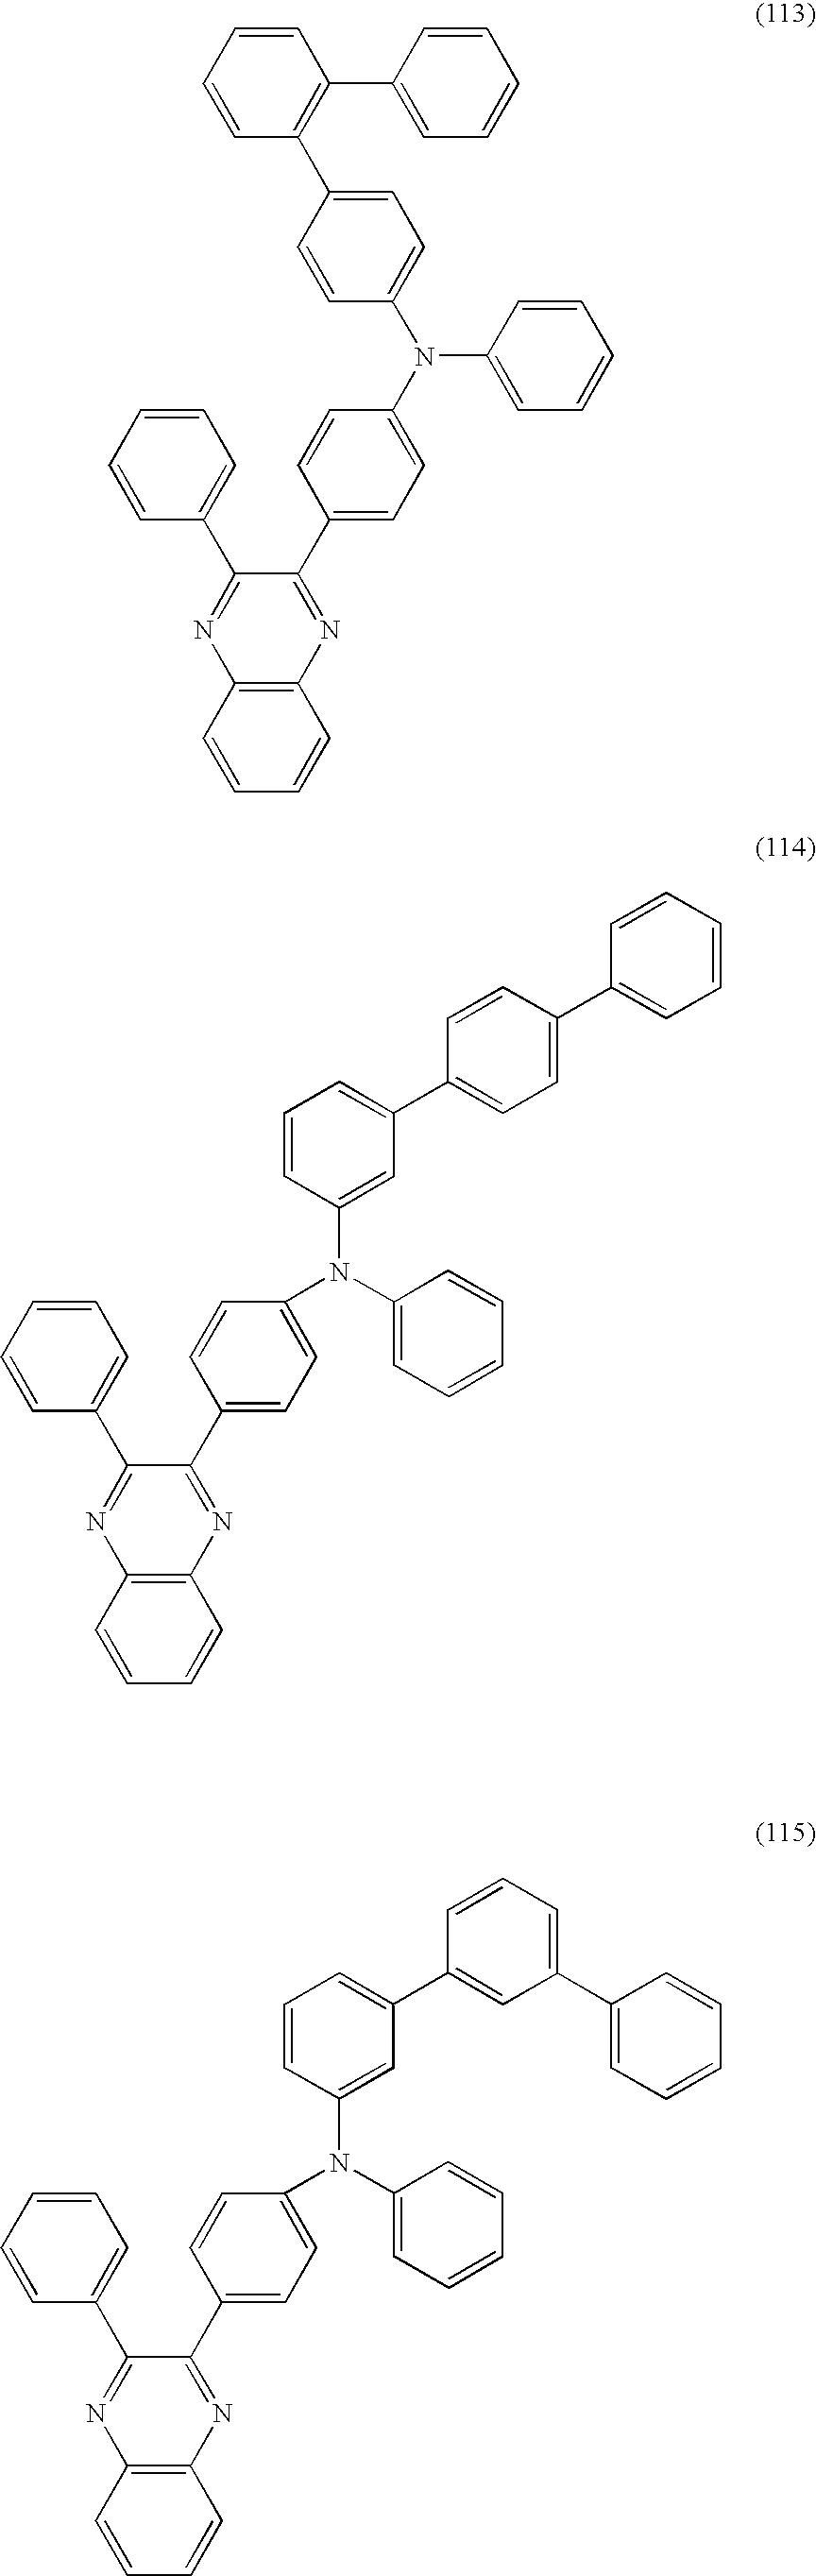 Figure US08178216-20120515-C00040